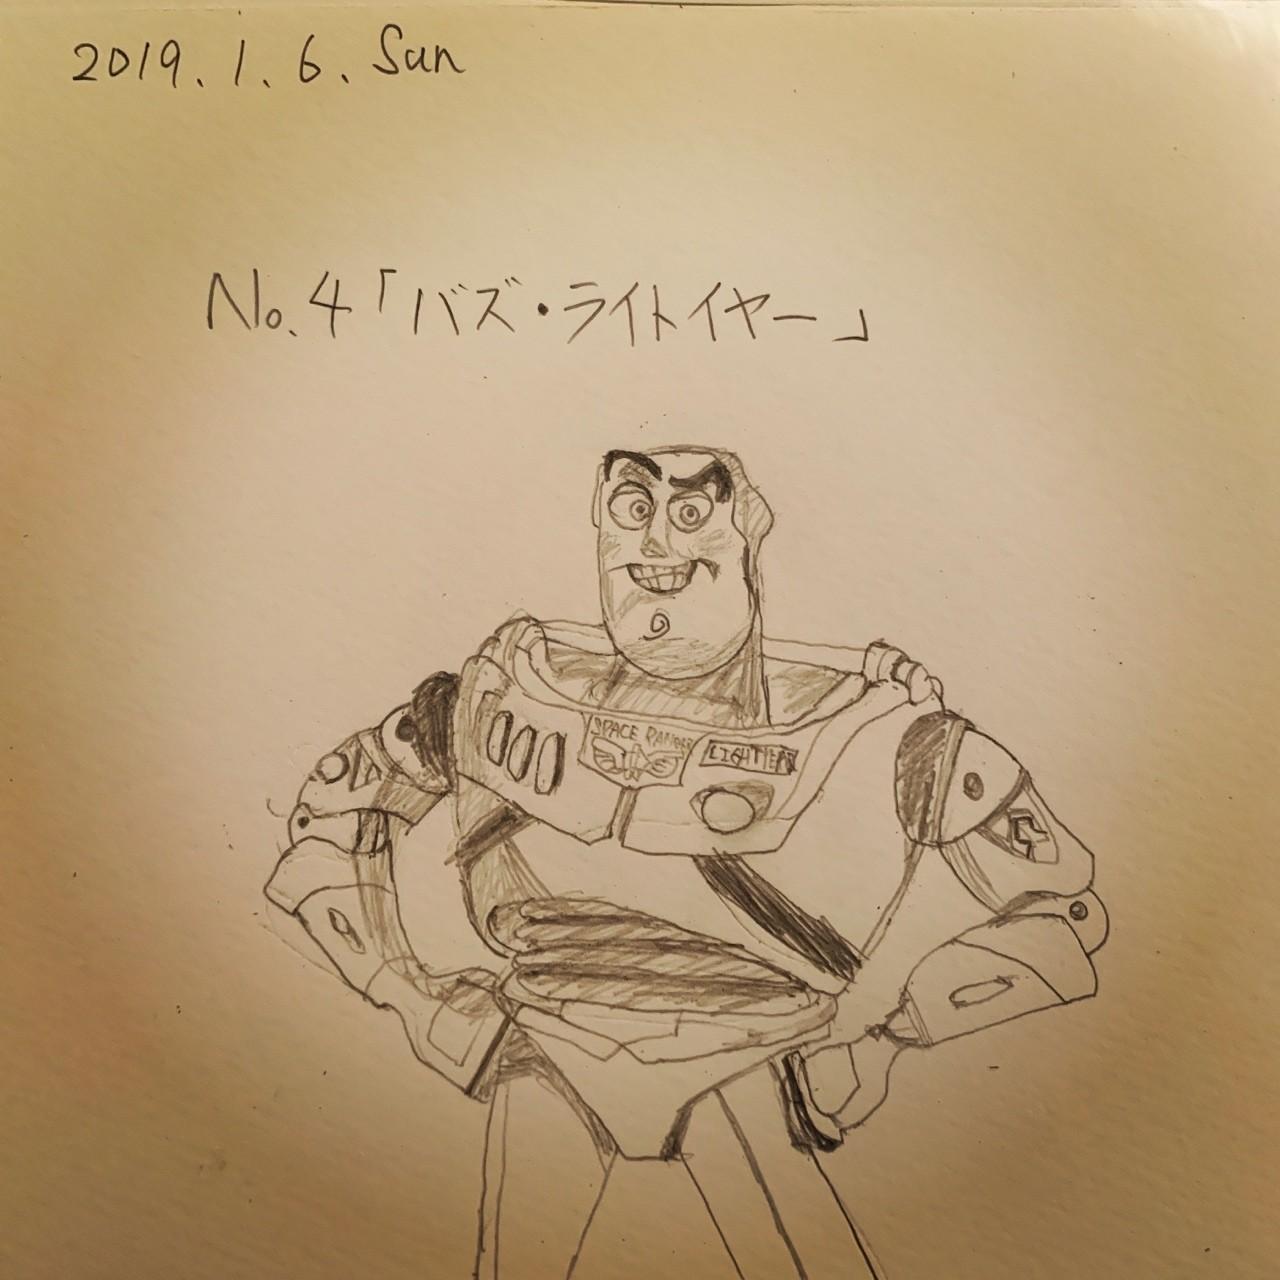 バズライトイヤーピザボーイnote